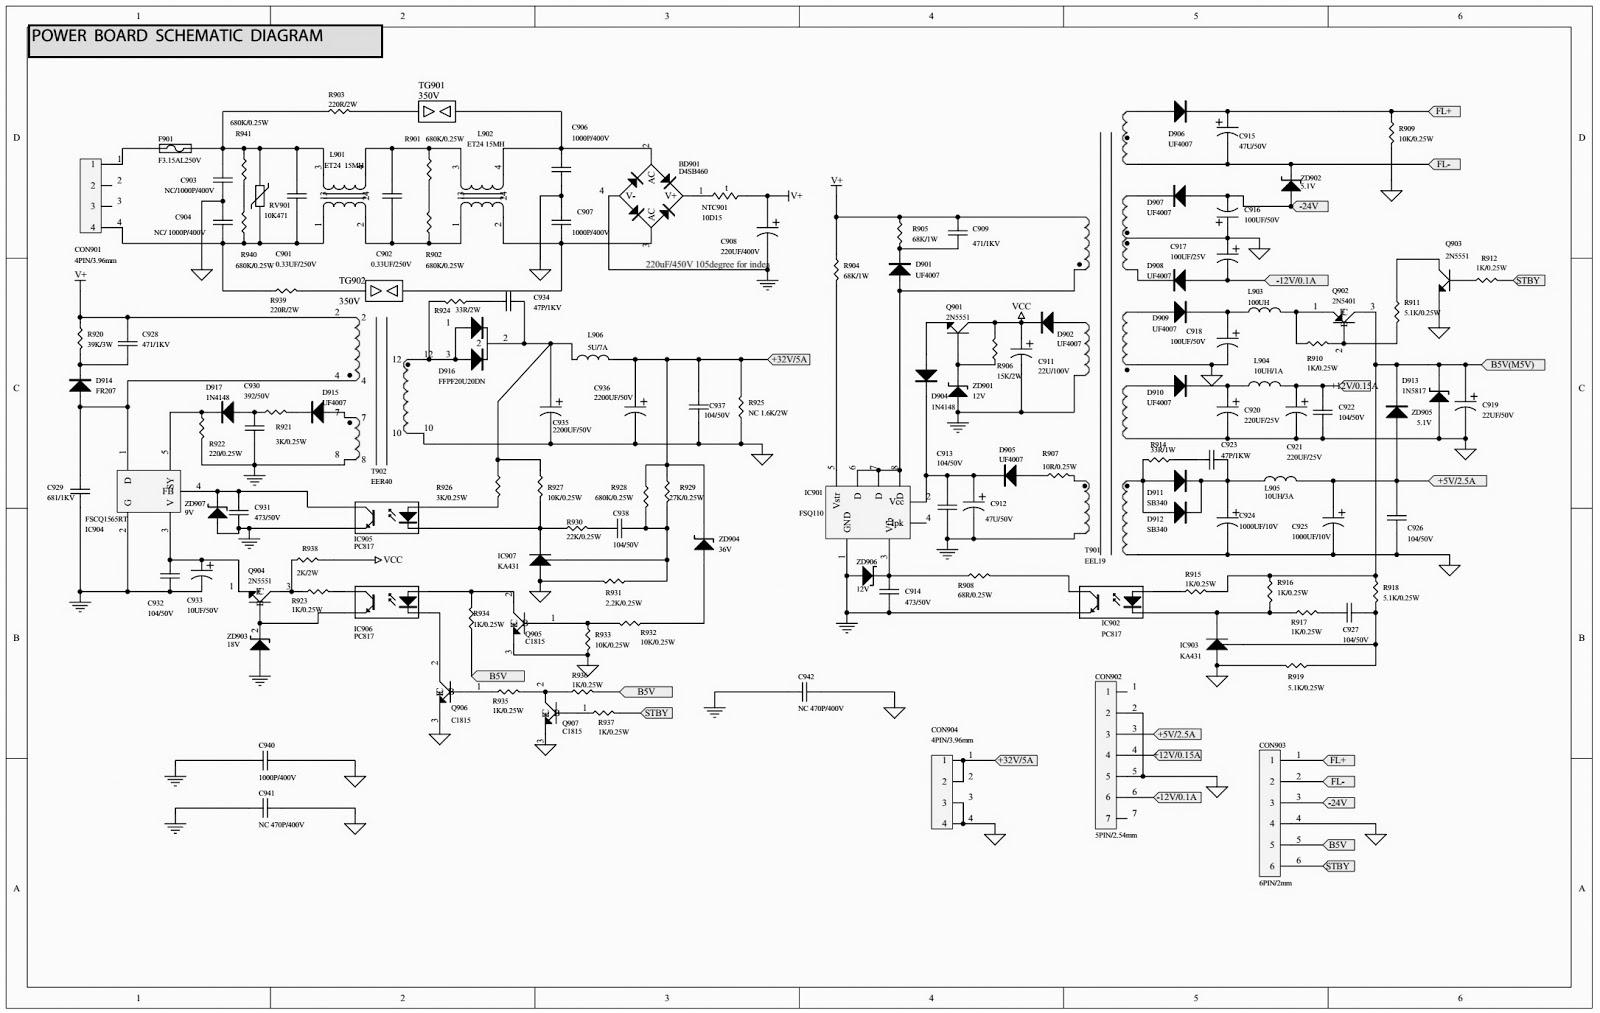 Elektrischer Schaltplan Eines Hauses - greenwashing.us - Home Design ...